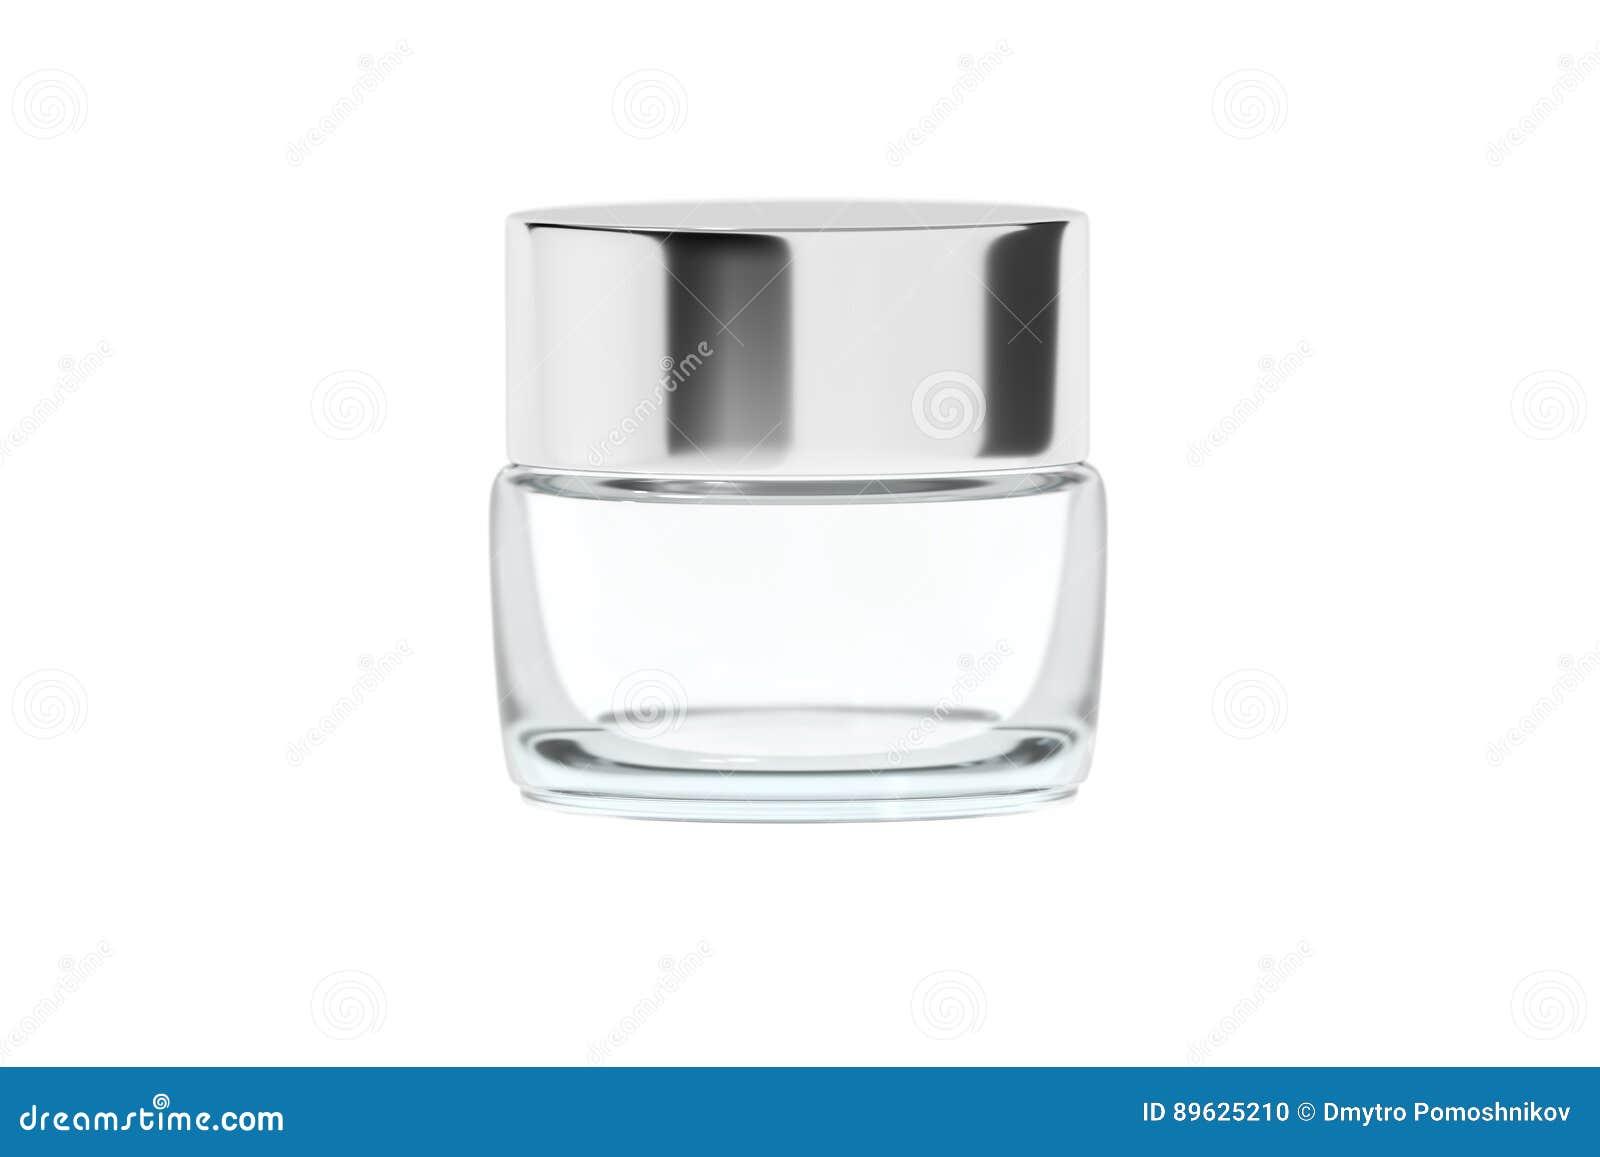 有镀铬物光滑的塑料盒盖3D翻译的清楚的玻璃瓶子